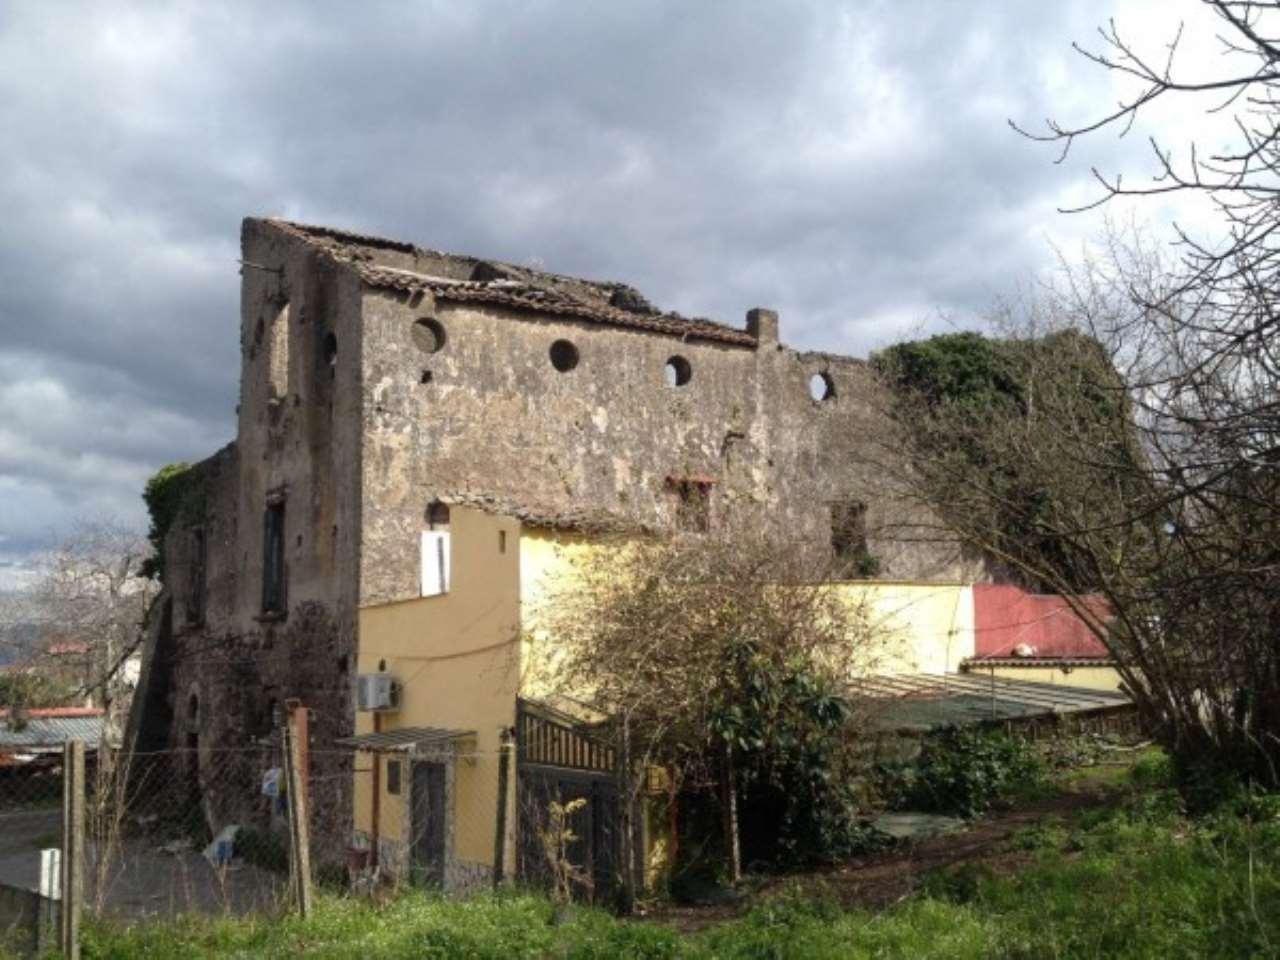 Palazzo / Stabile in vendita a Somma Vesuviana, 9999 locali, prezzo € 320.000 | CambioCasa.it